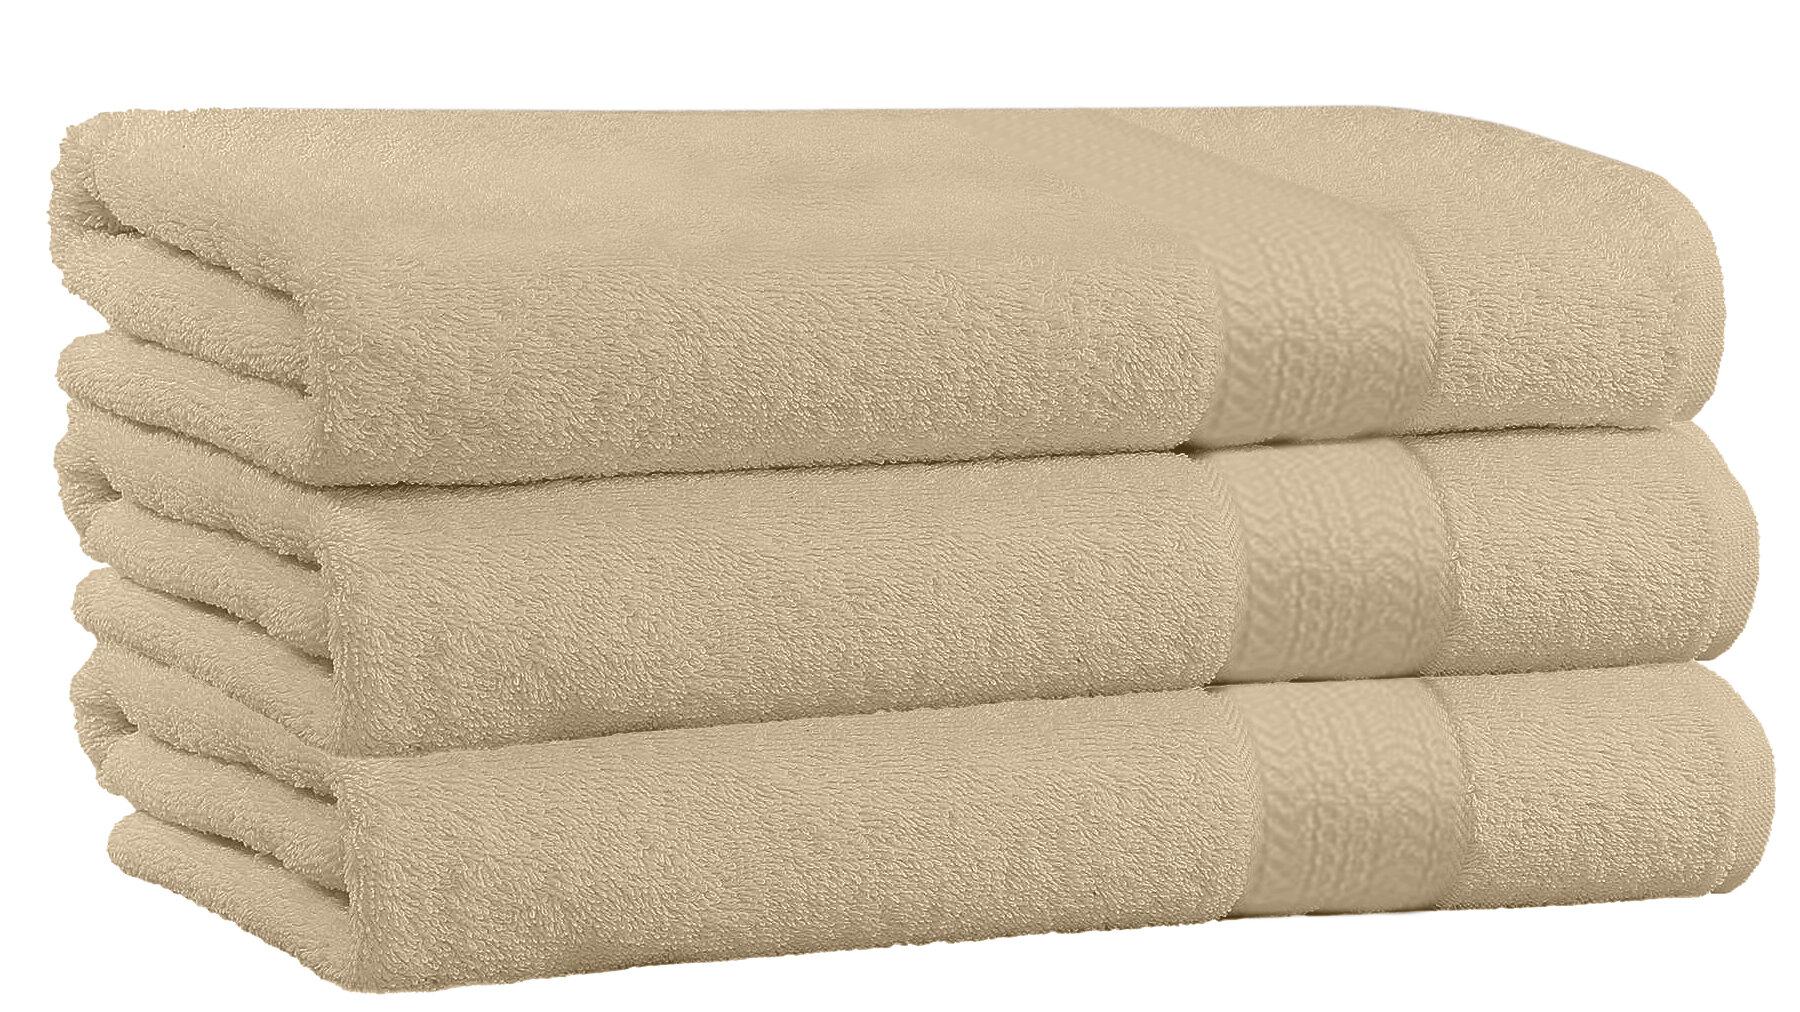 Charlton Home Spurrier 3 Piece 100 Cotton Bath Towel Set Reviews Wayfair